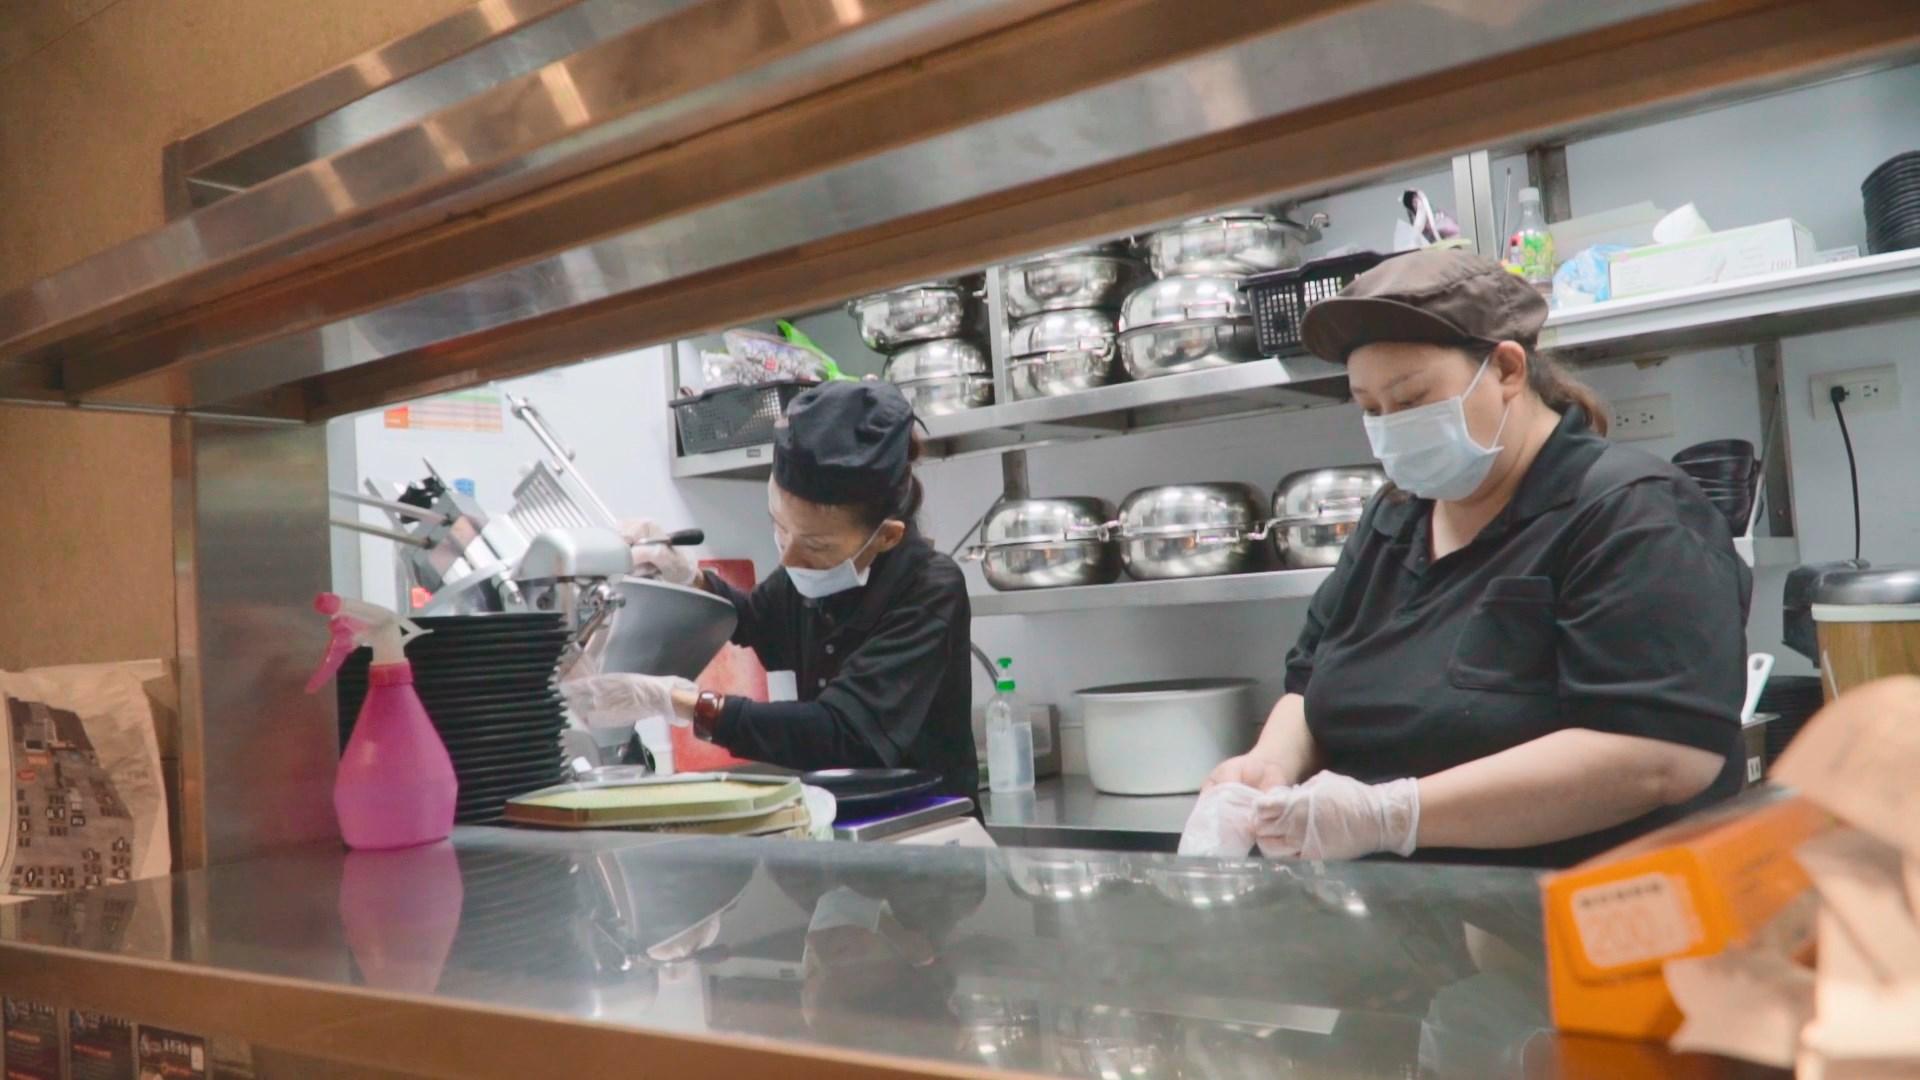 食藝餐飲優先雇用弱勢族群並提供愛心待用餐,讓員工呂孟潔十分感動。